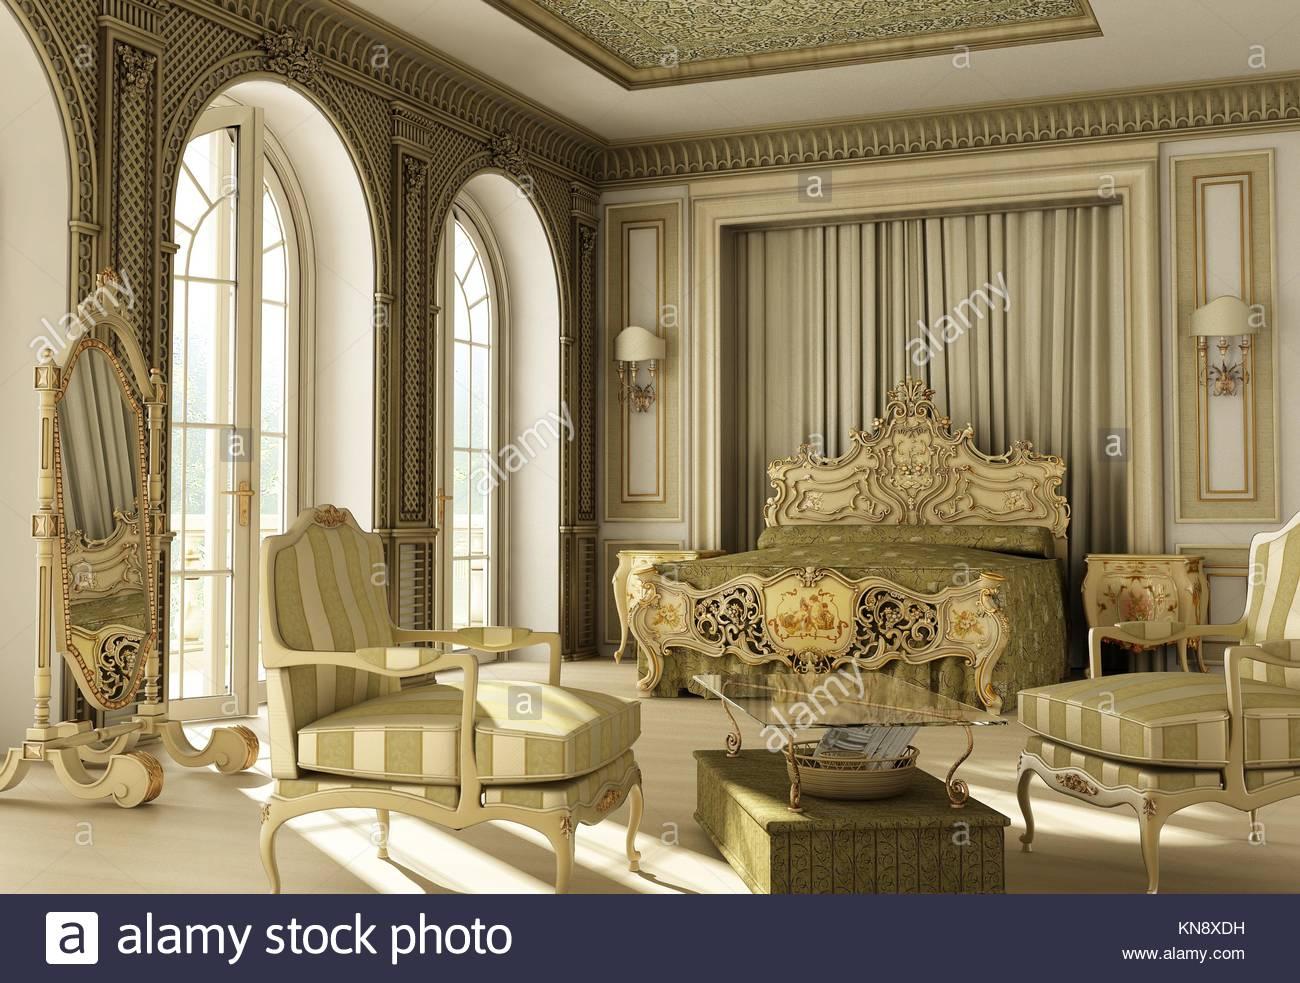 3D Rendering Des Rokoko Luxus Schlafzimmer Mit Doppel Fenster Auf Balkon.